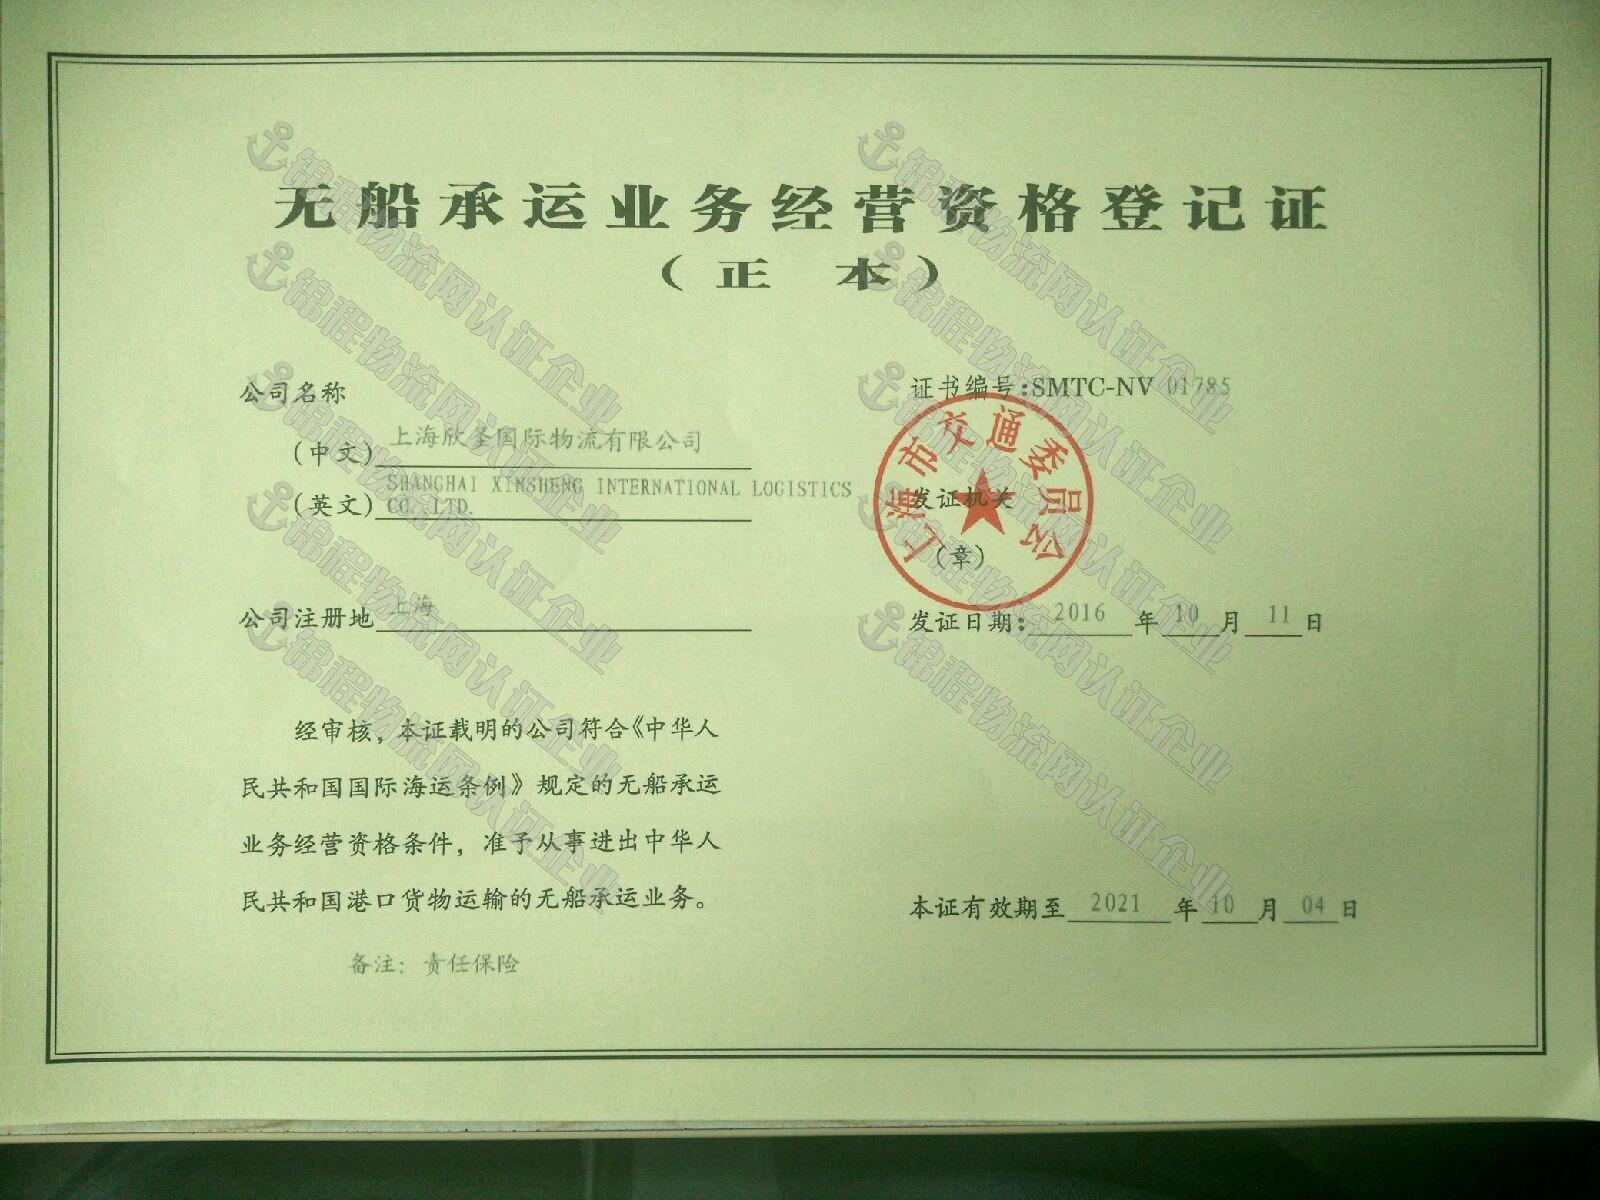 信誉通企业证书